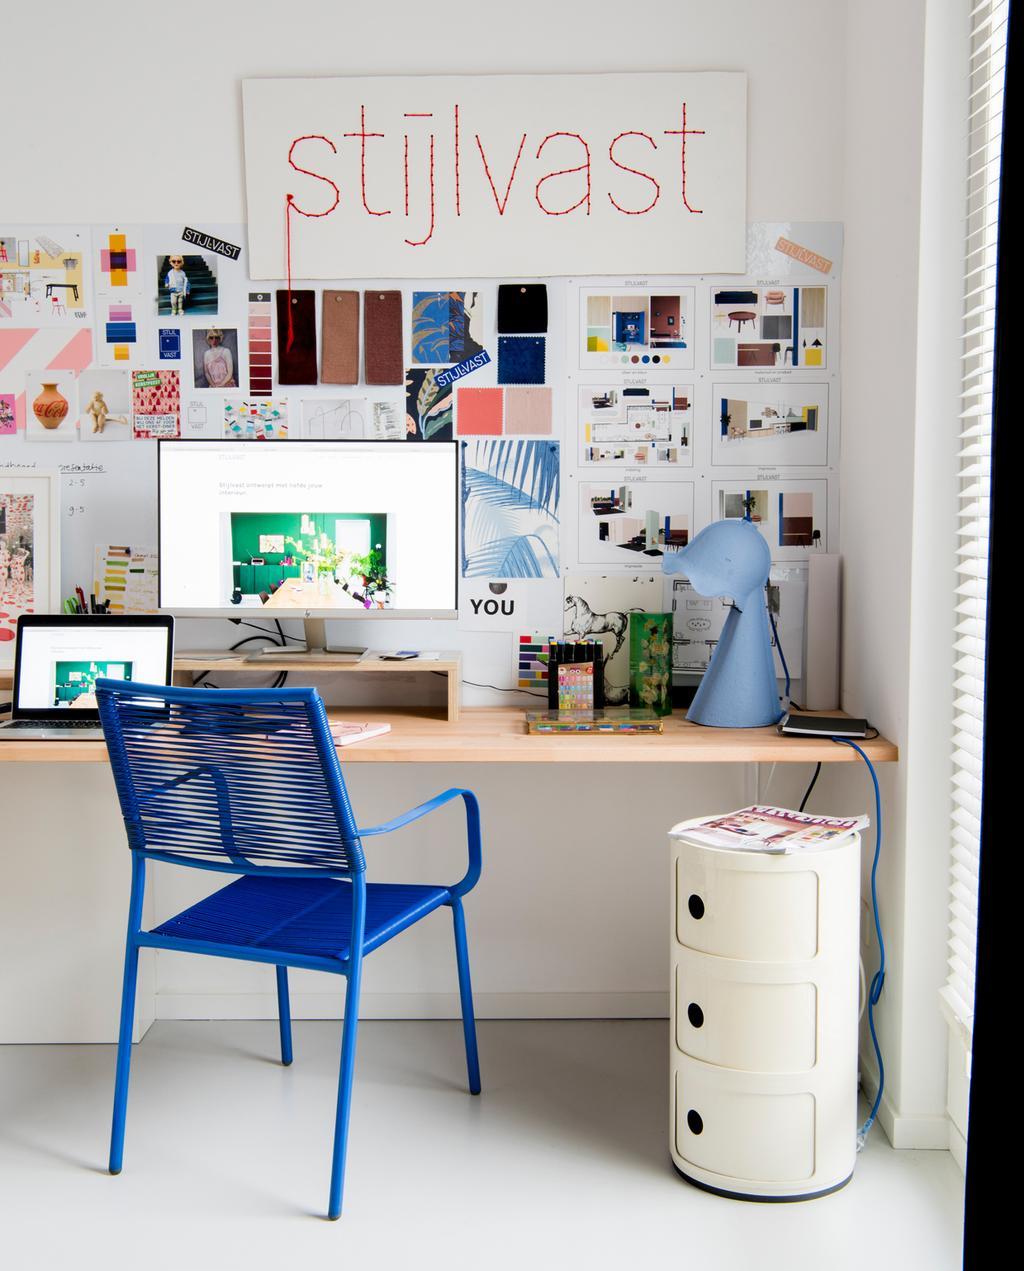 vtwonen binnenkijken special | binnenkijken in een kleurrijk nieuwbouwhuis in Eindhoven bureau